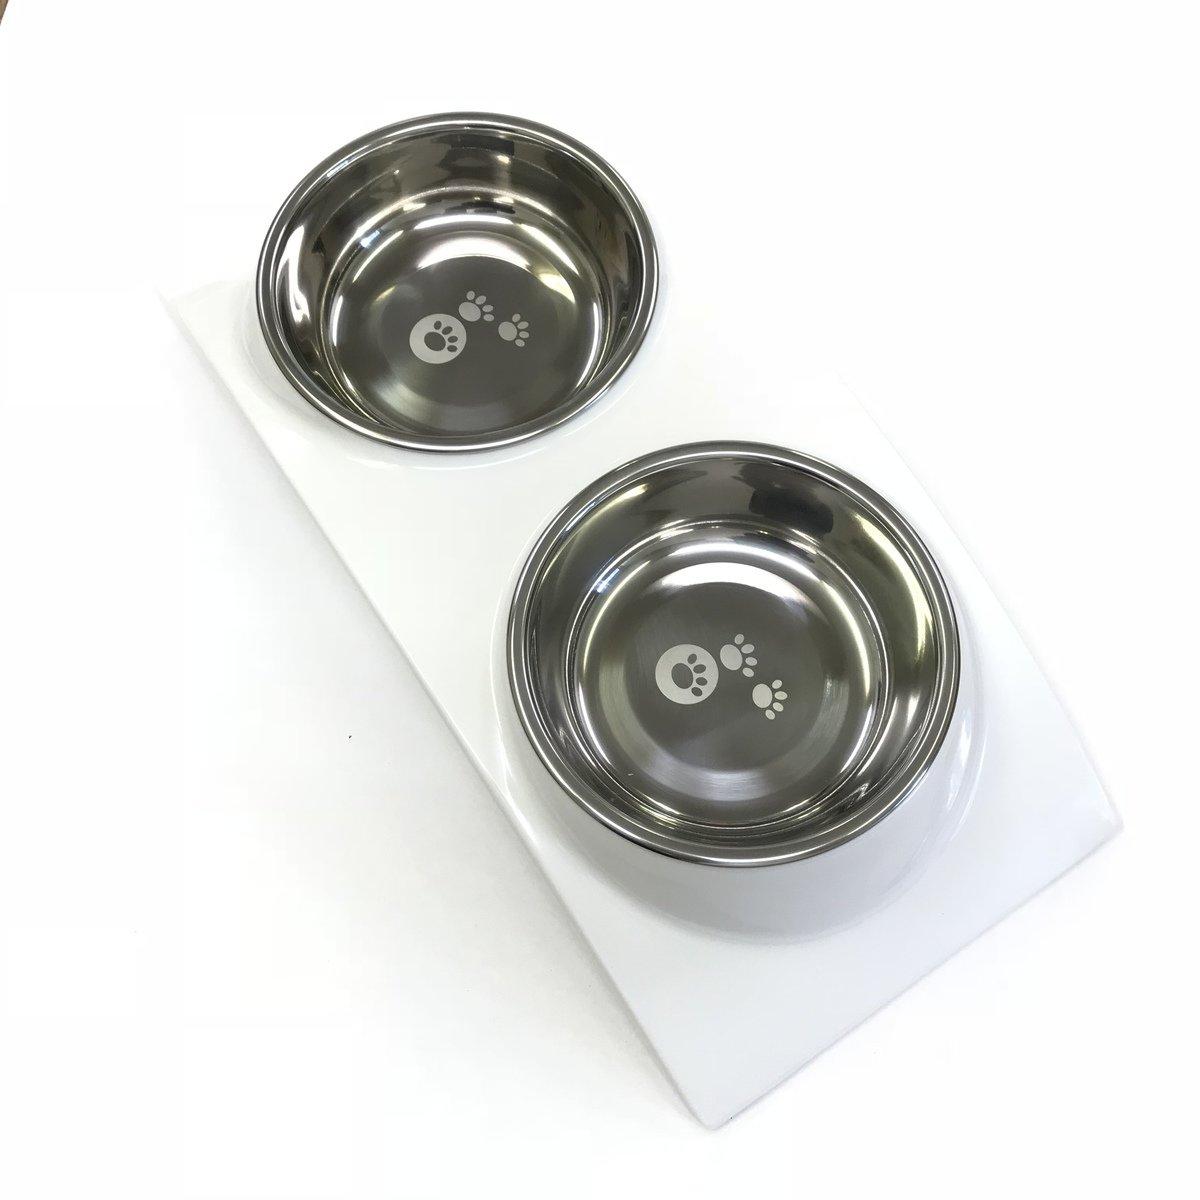 トムキャット [食器]レインボー ディナーセット S ホワイト×12入【送料無料】